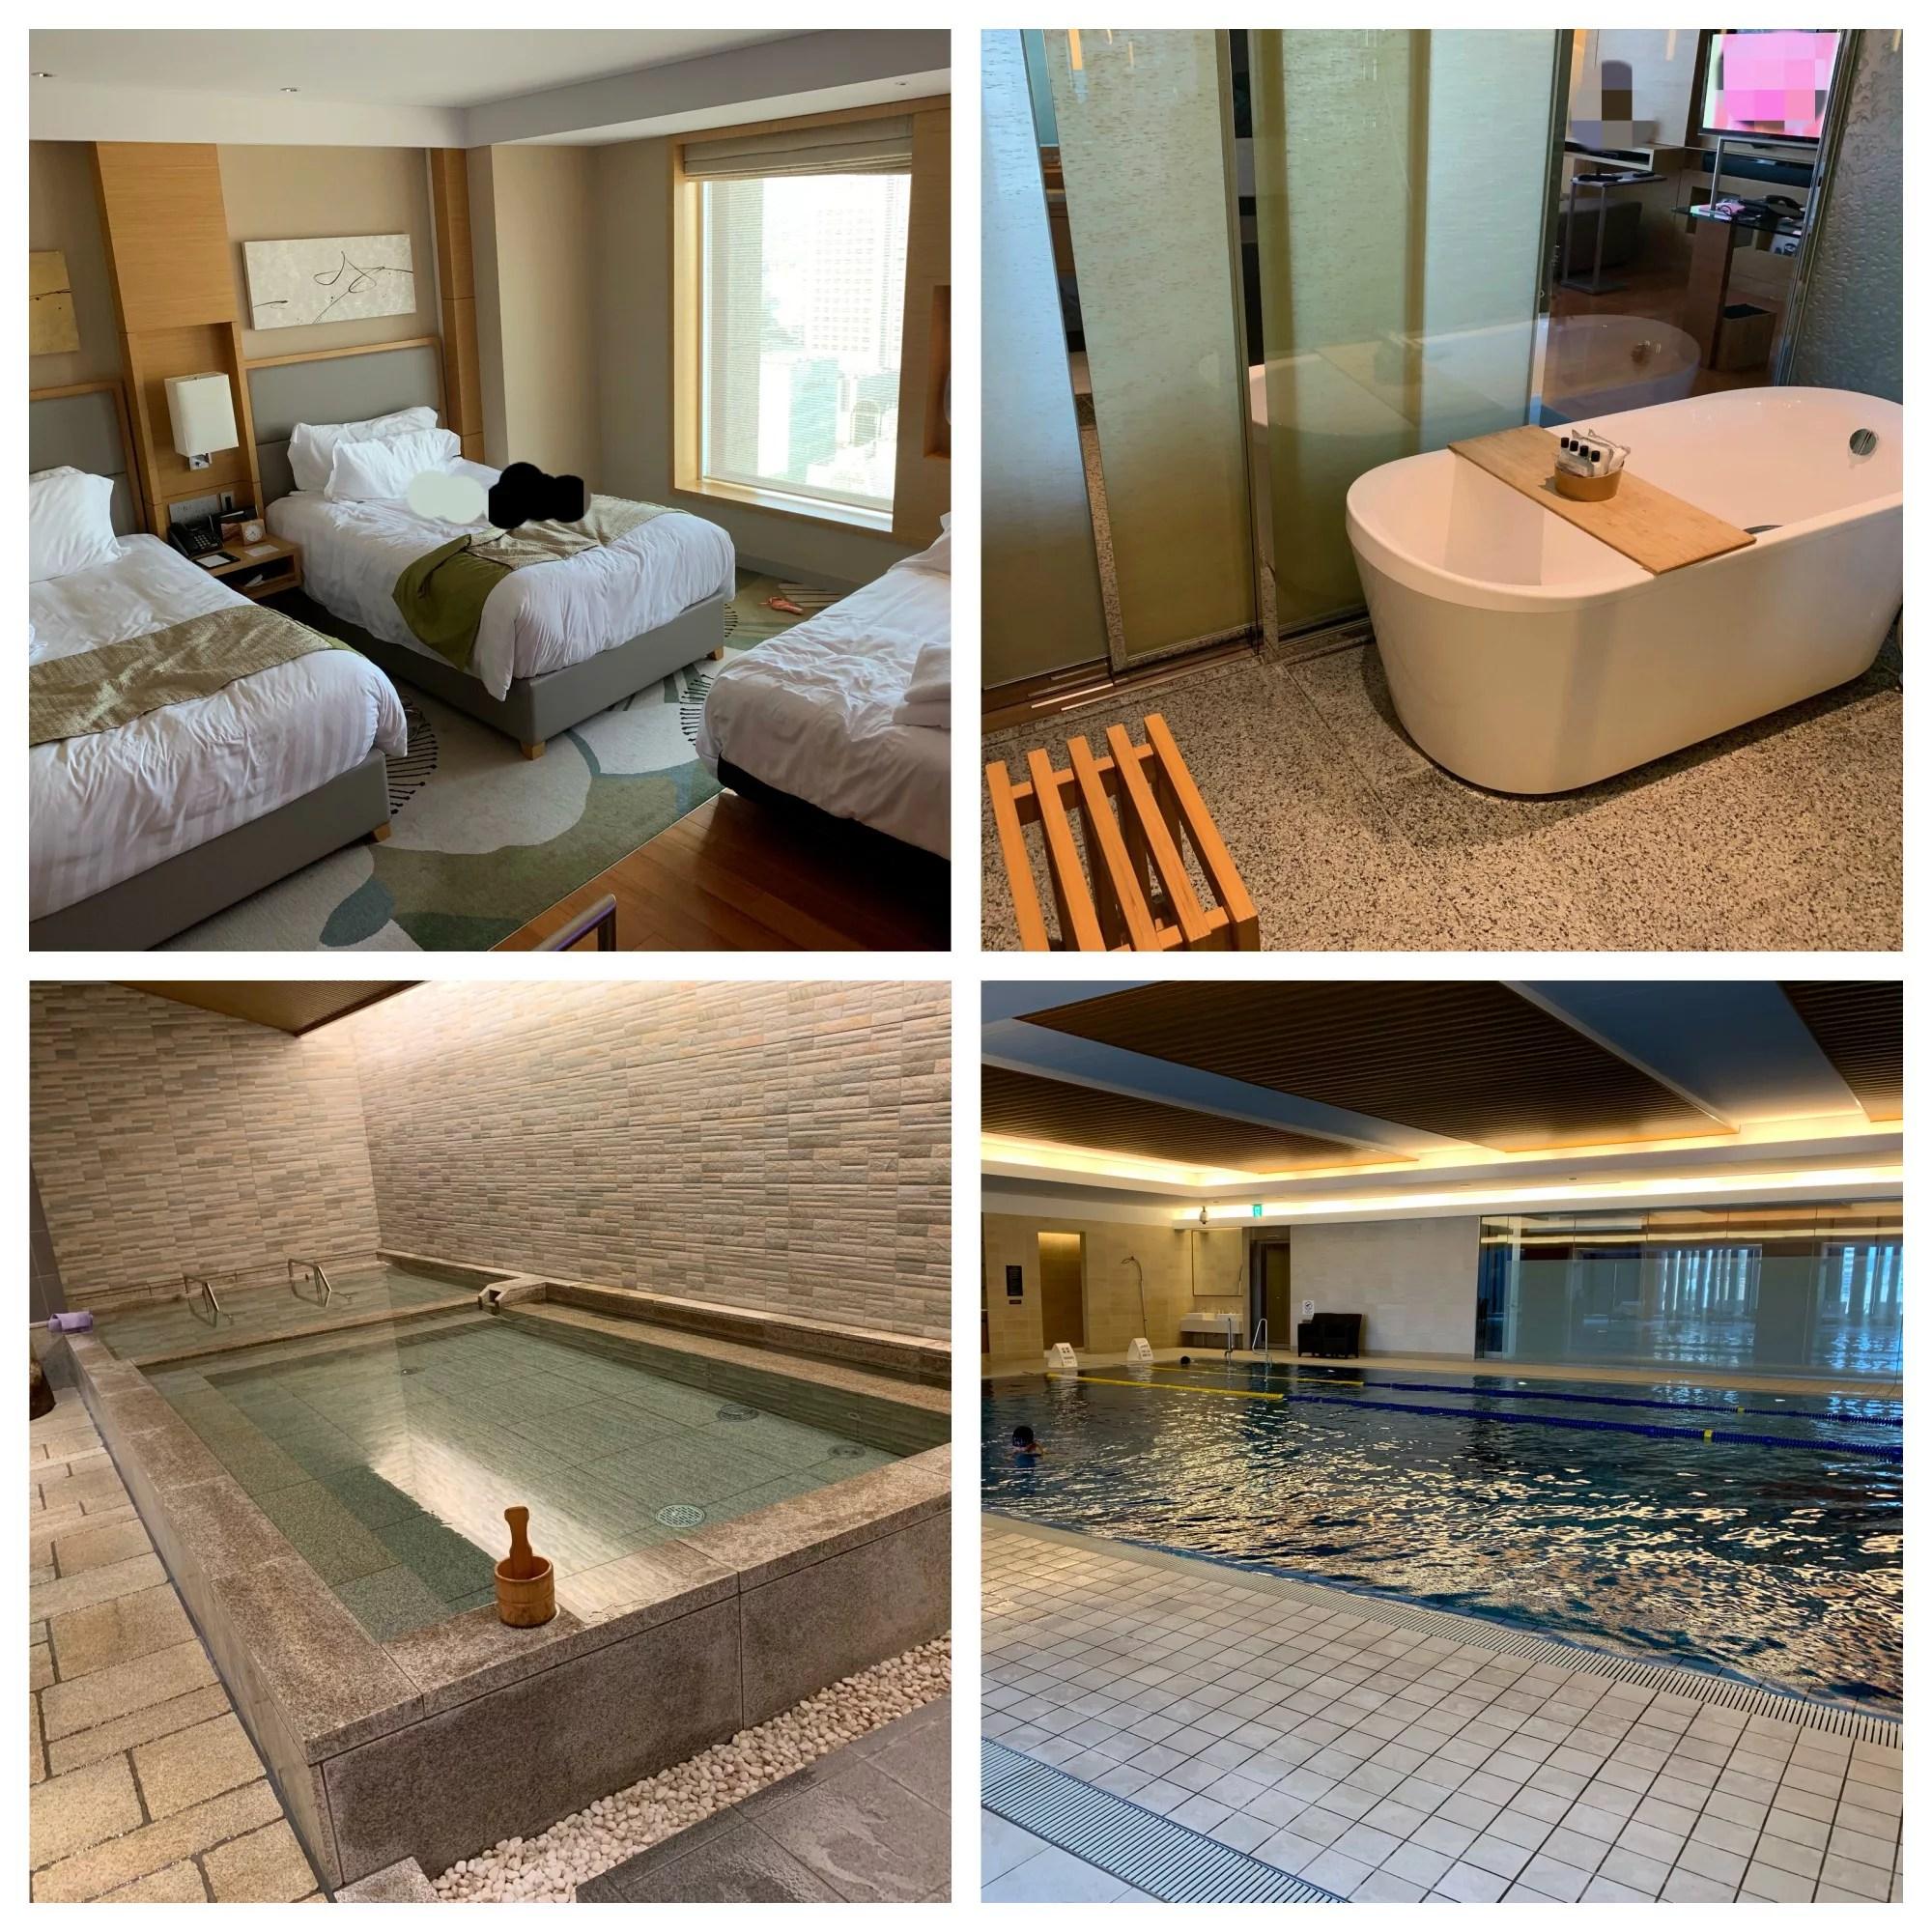 インターコンチネンタルホテル大阪宿泊記(デラックスツイン・プール・日本式浴場の様子)